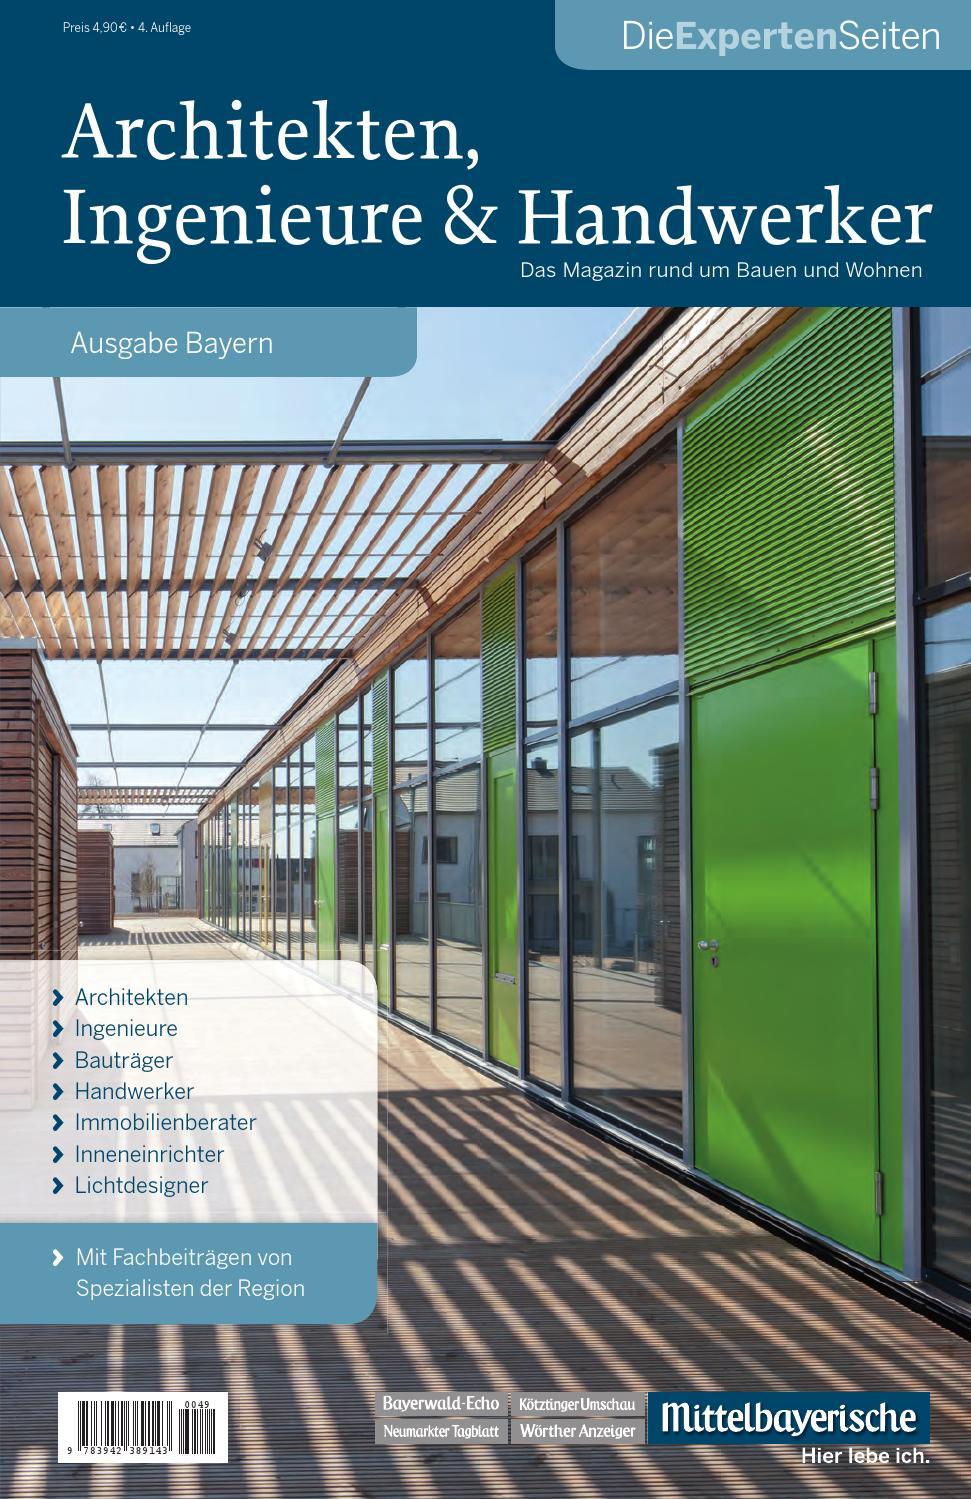 Architekten Ingenieure Handwerker By Creativconcept Issuu